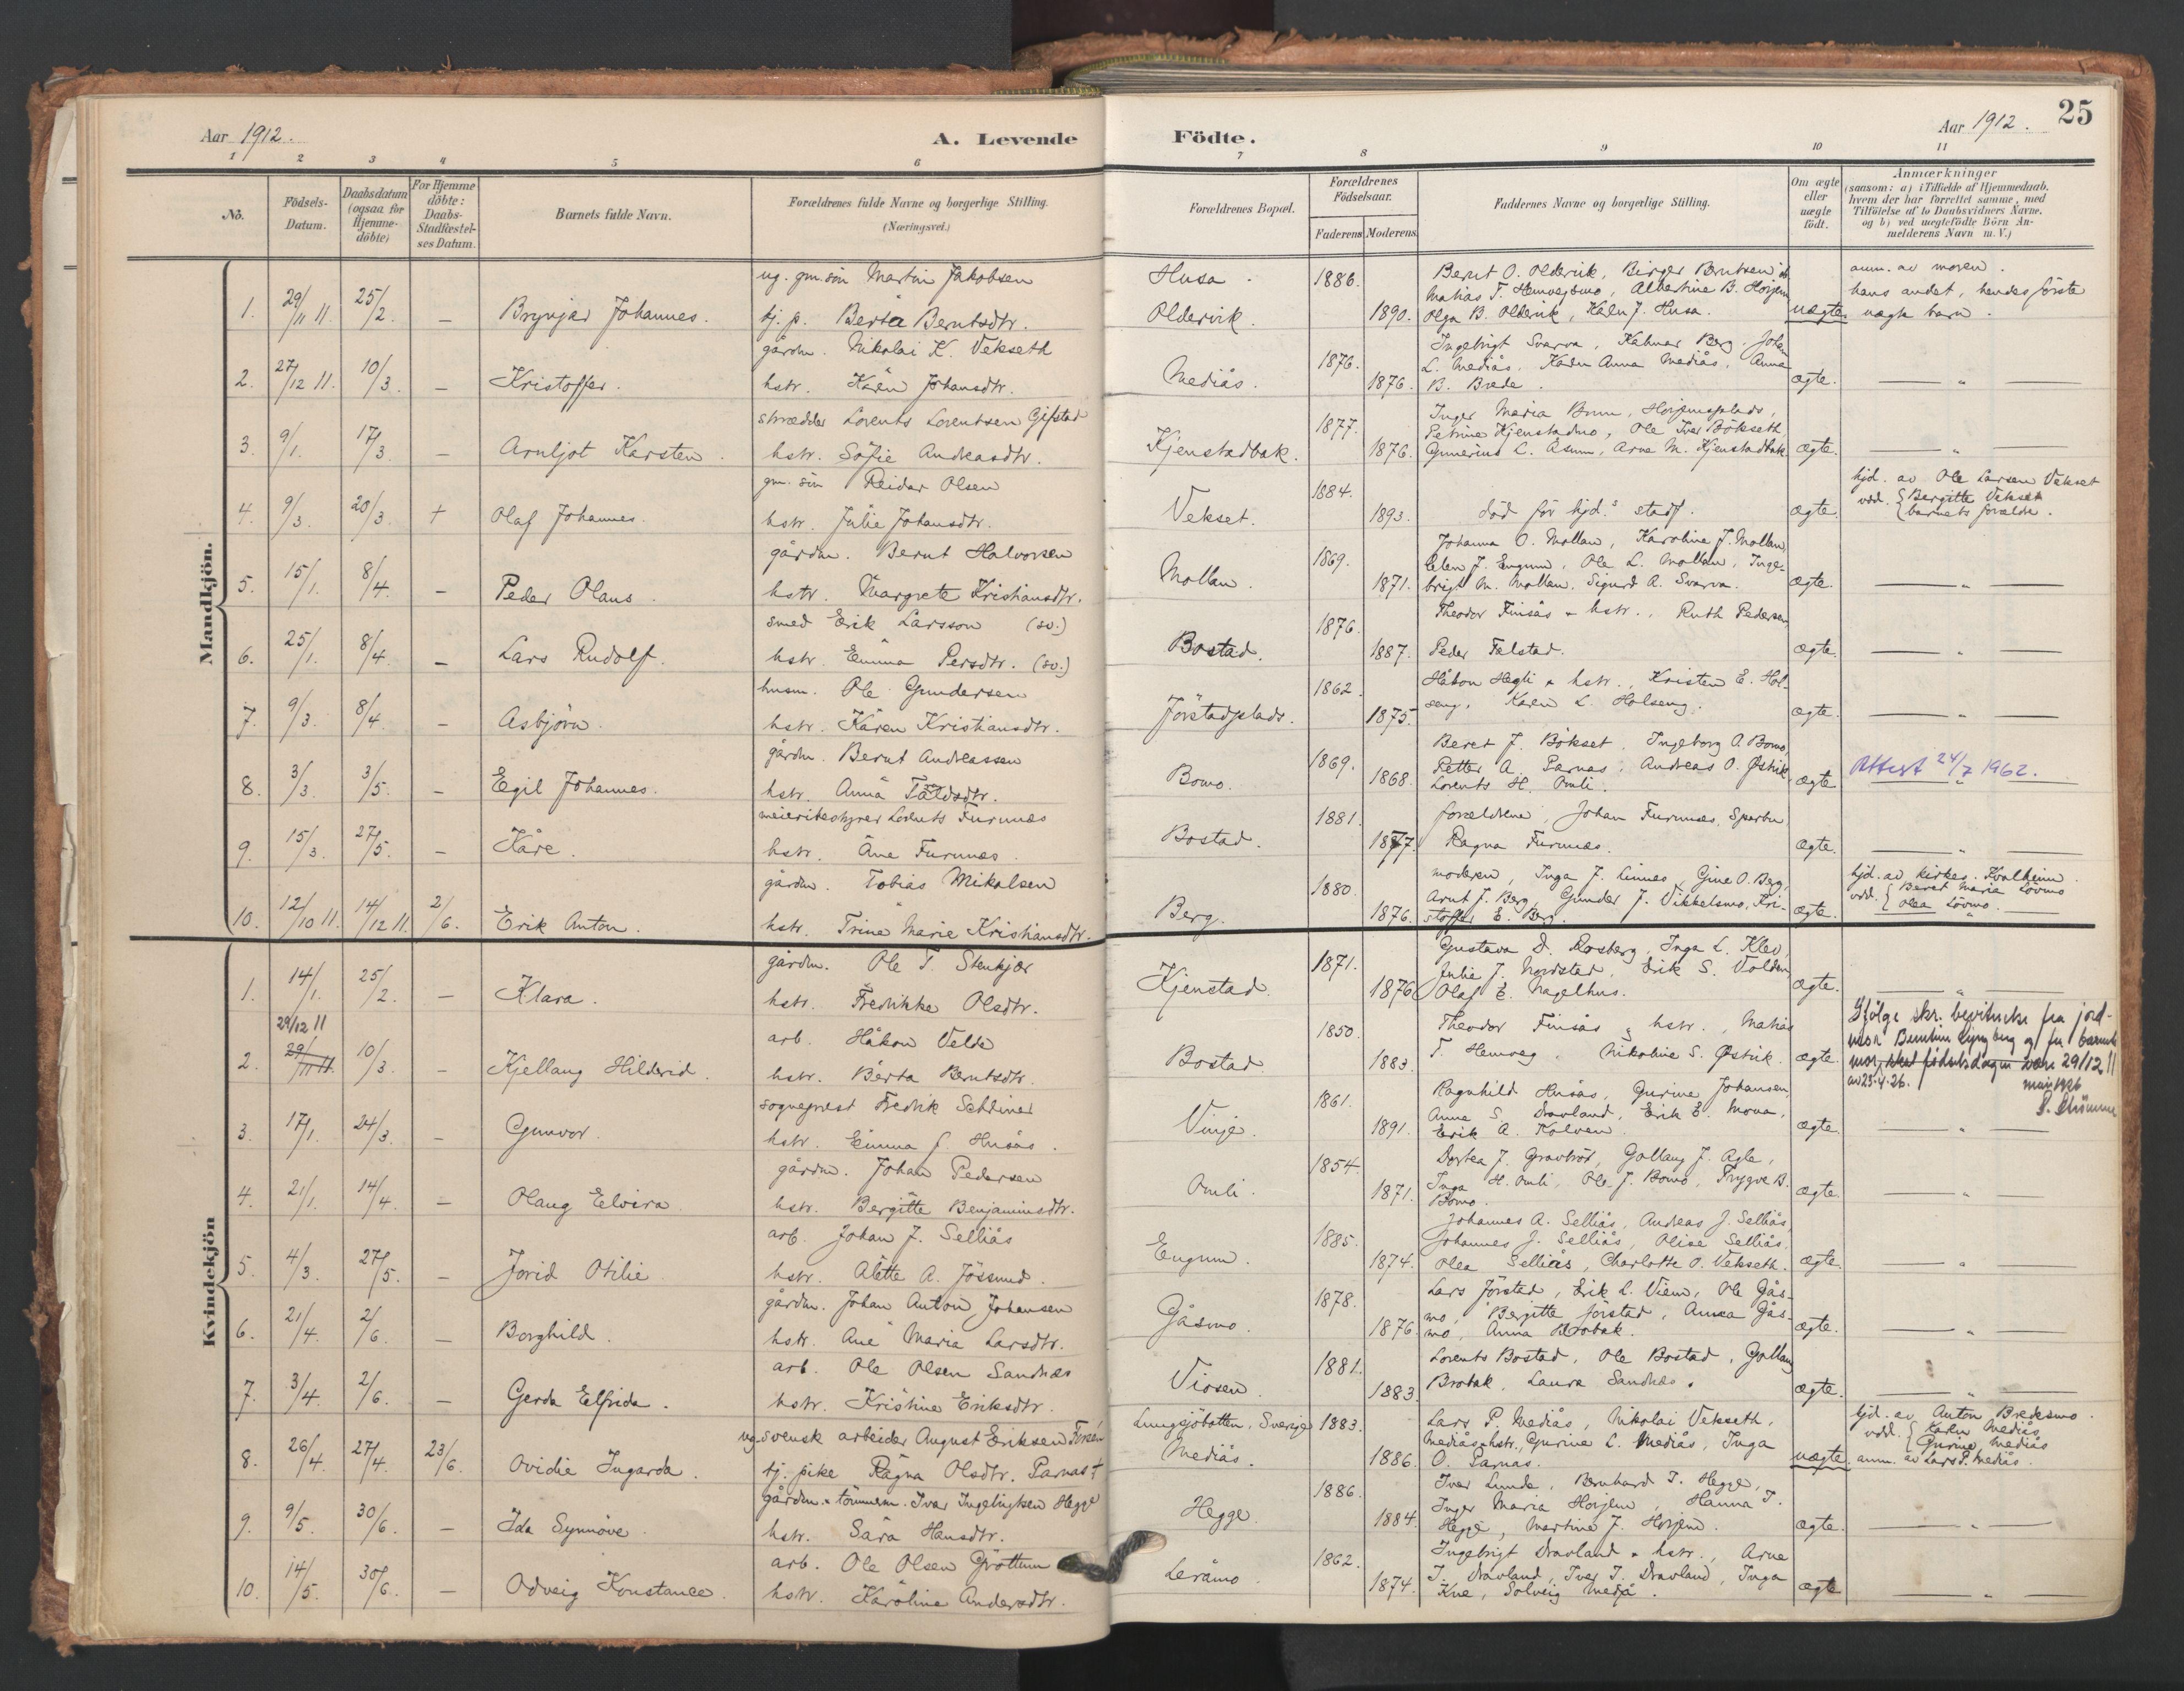 SAT, Ministerialprotokoller, klokkerbøker og fødselsregistre - Nord-Trøndelag, 749/L0477: Ministerialbok nr. 749A11, 1902-1927, s. 25